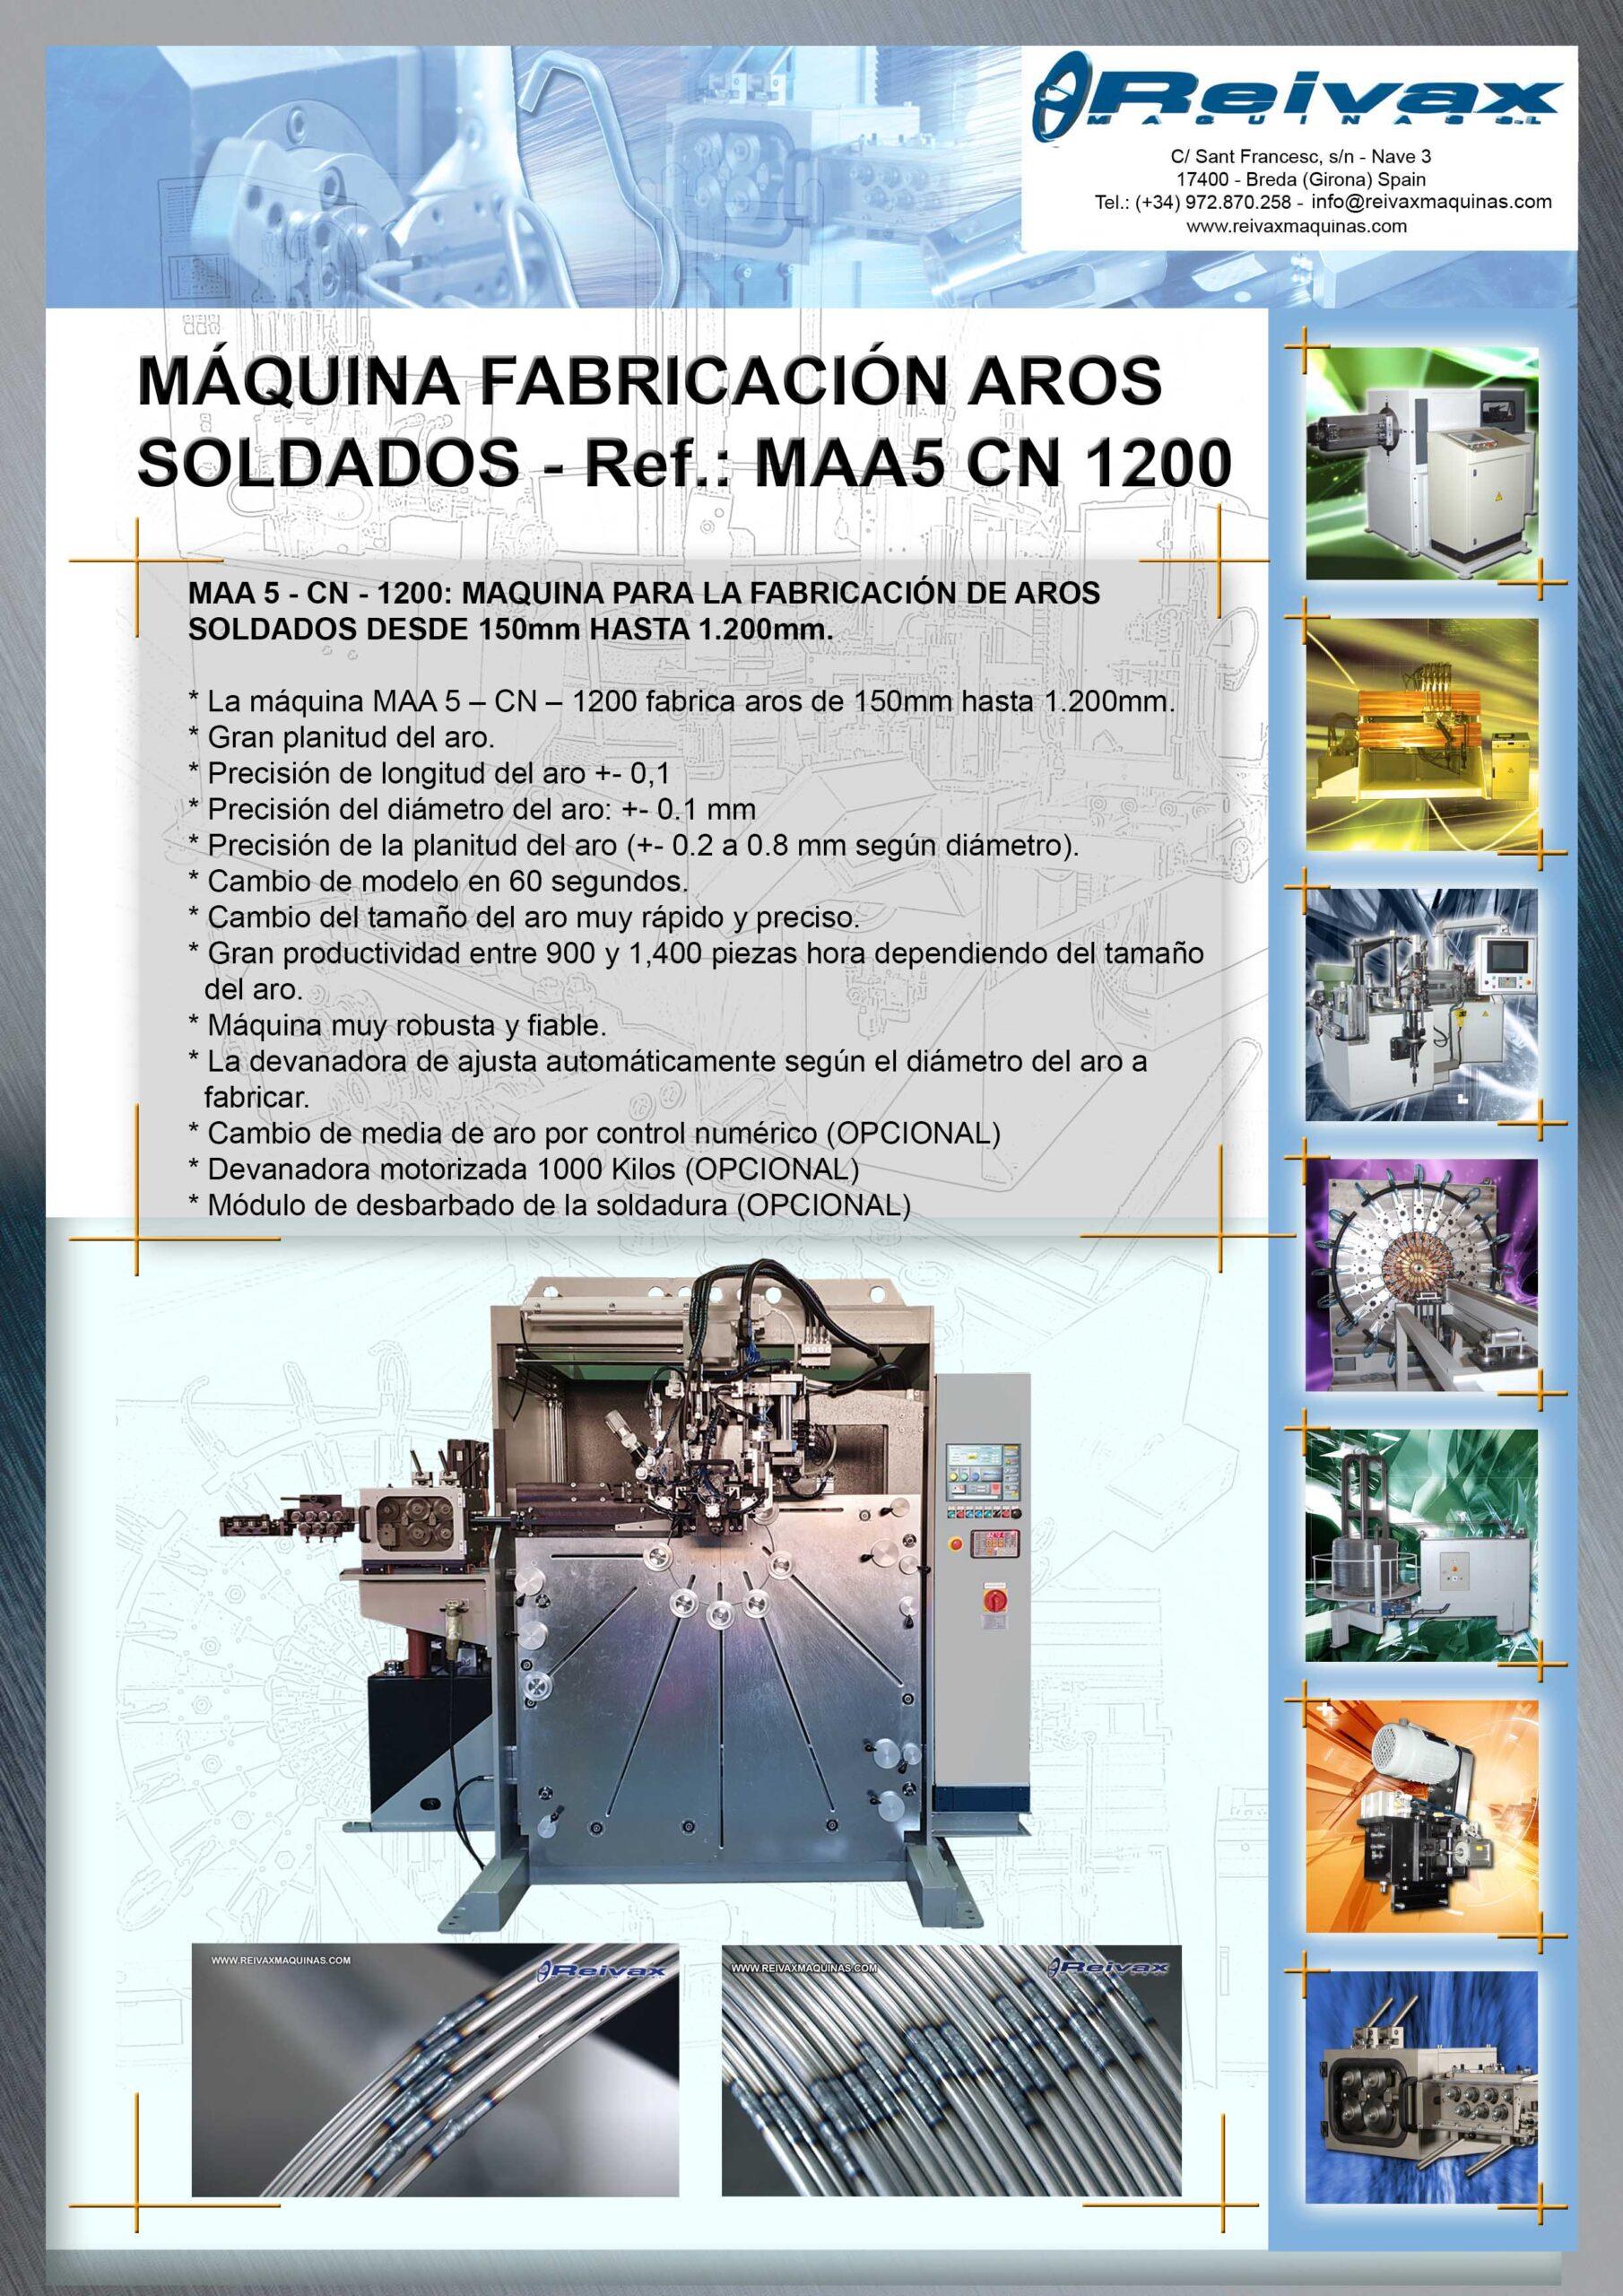 Reivax Maquinas, SL: Máquina para la fabricación de aros soldados - Ref.: MAA5 CN 1200